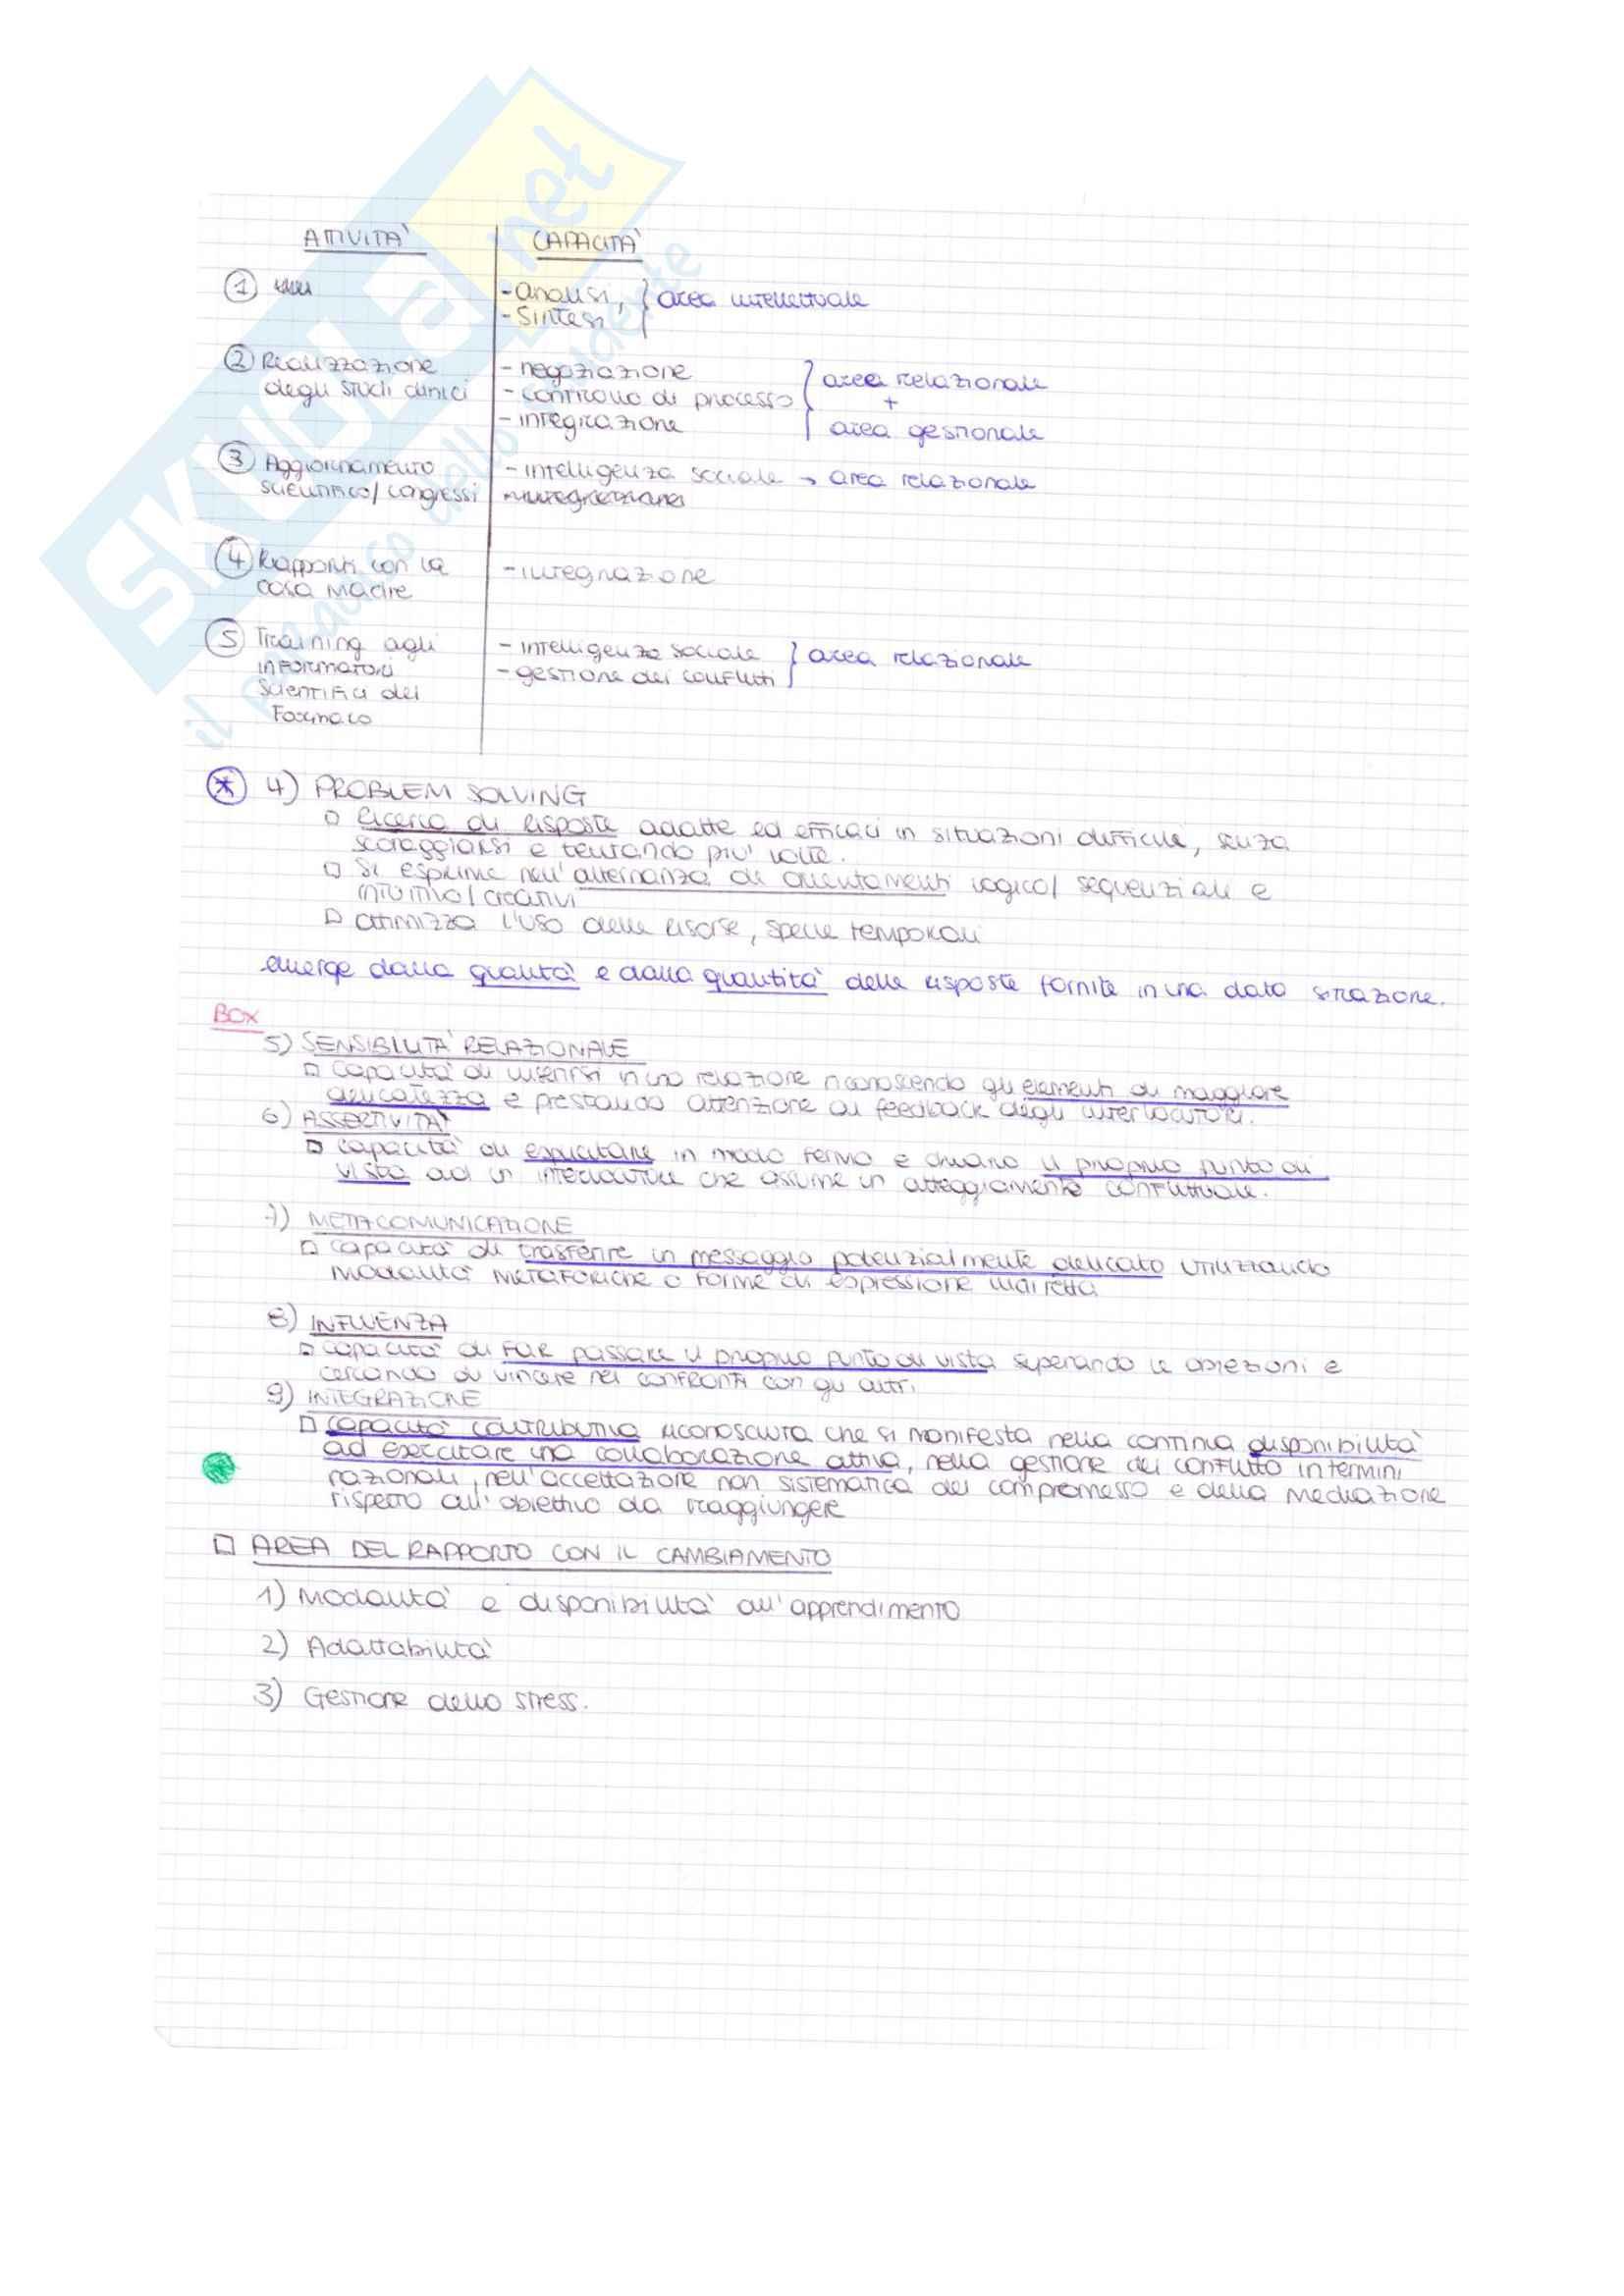 Appunti di Organizzazione e gestione delle risorse umane Pag. 16